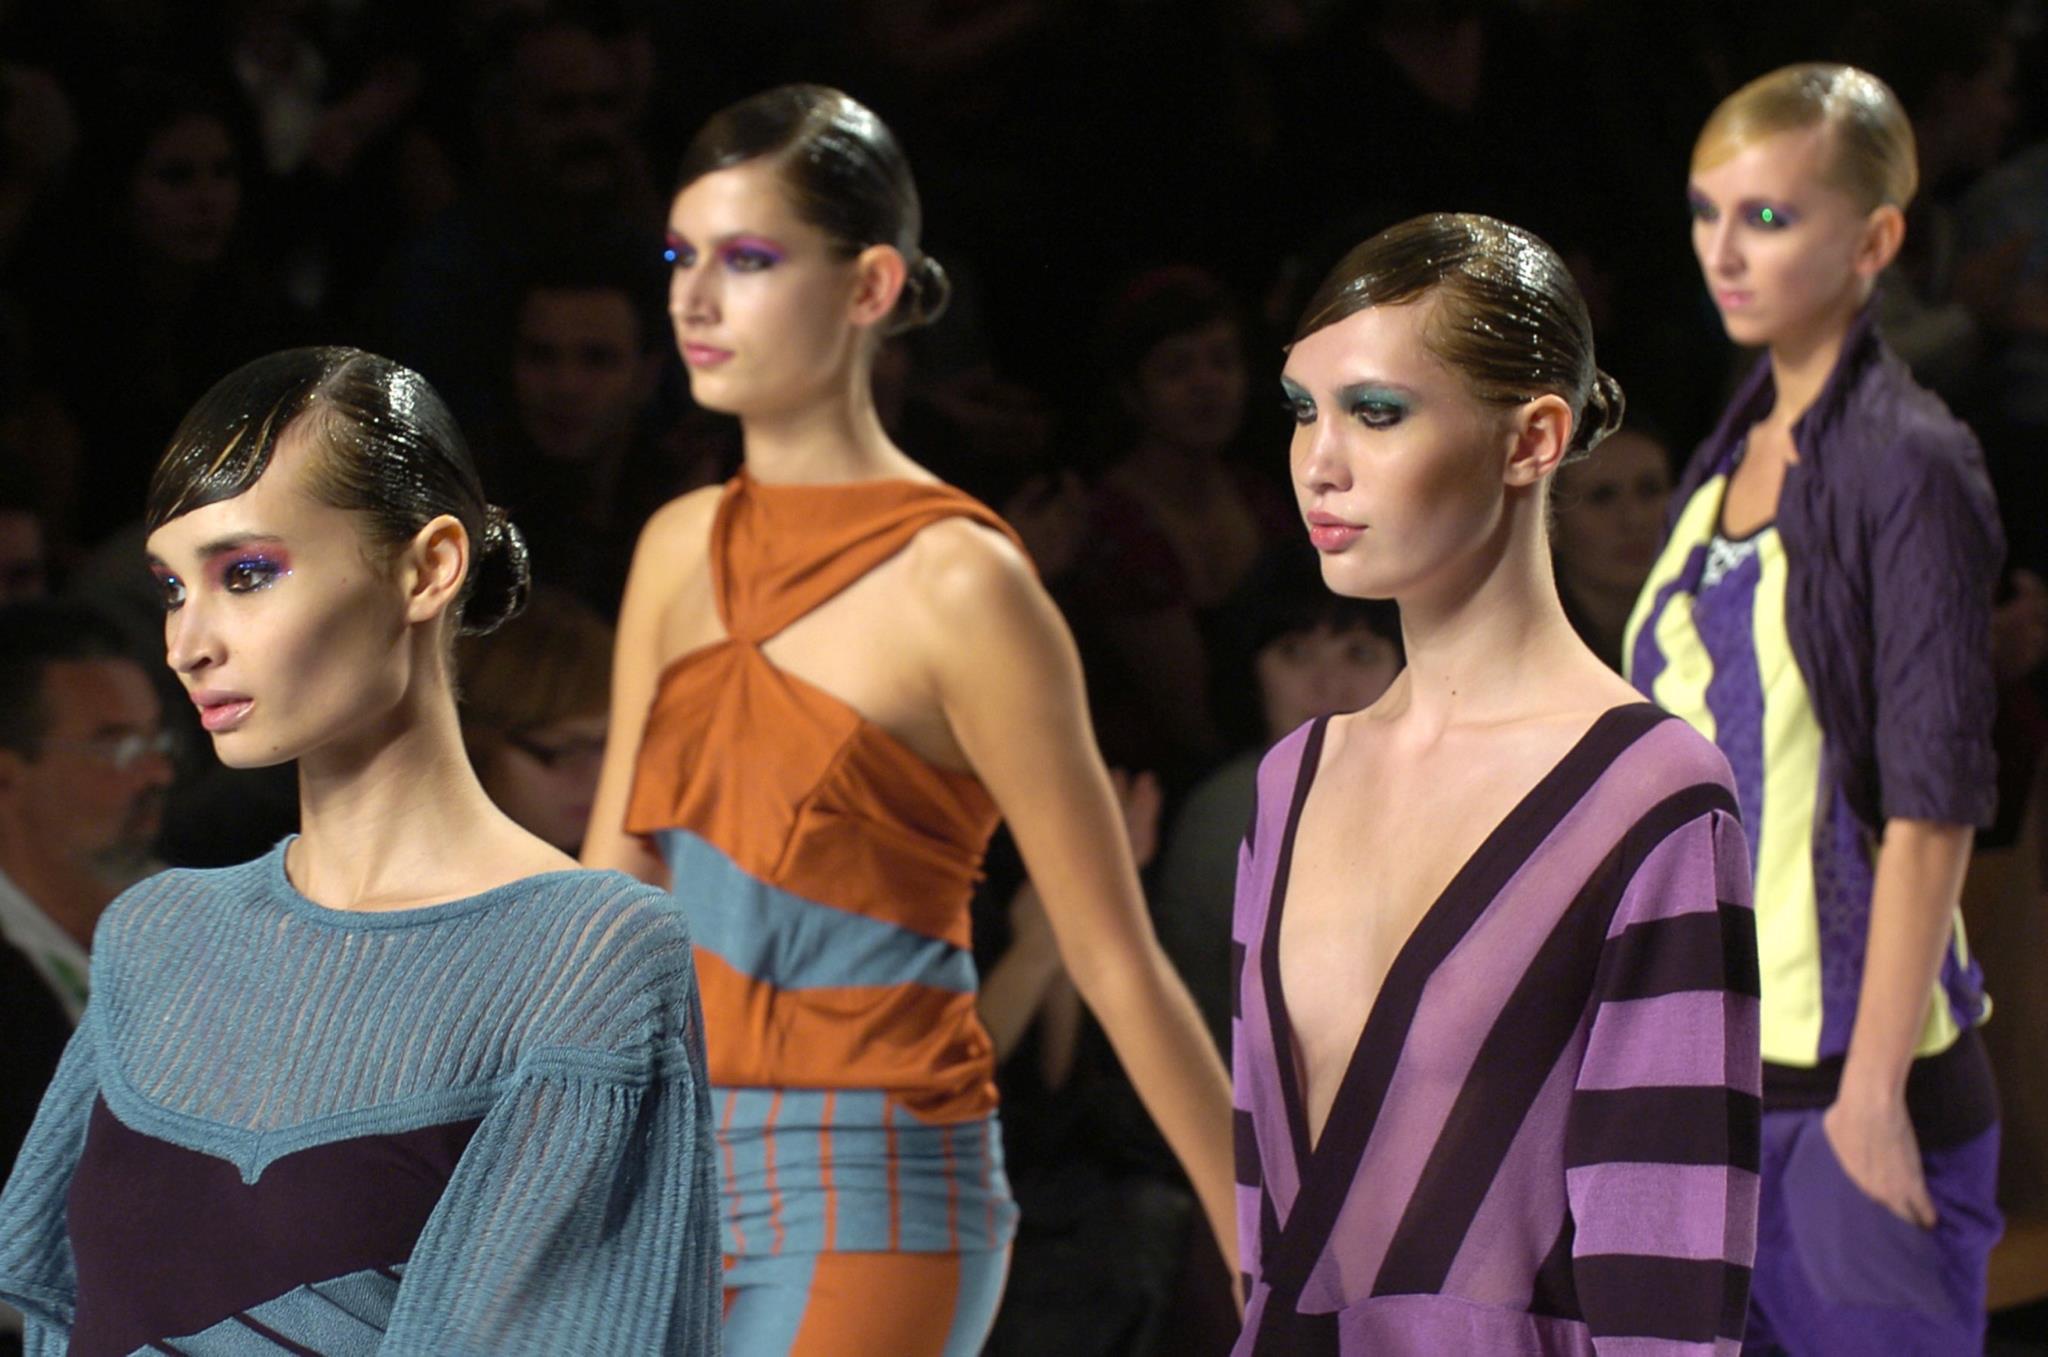 PÚBLICO - Quarenta edições do Portugal Fashion em quatro momentos